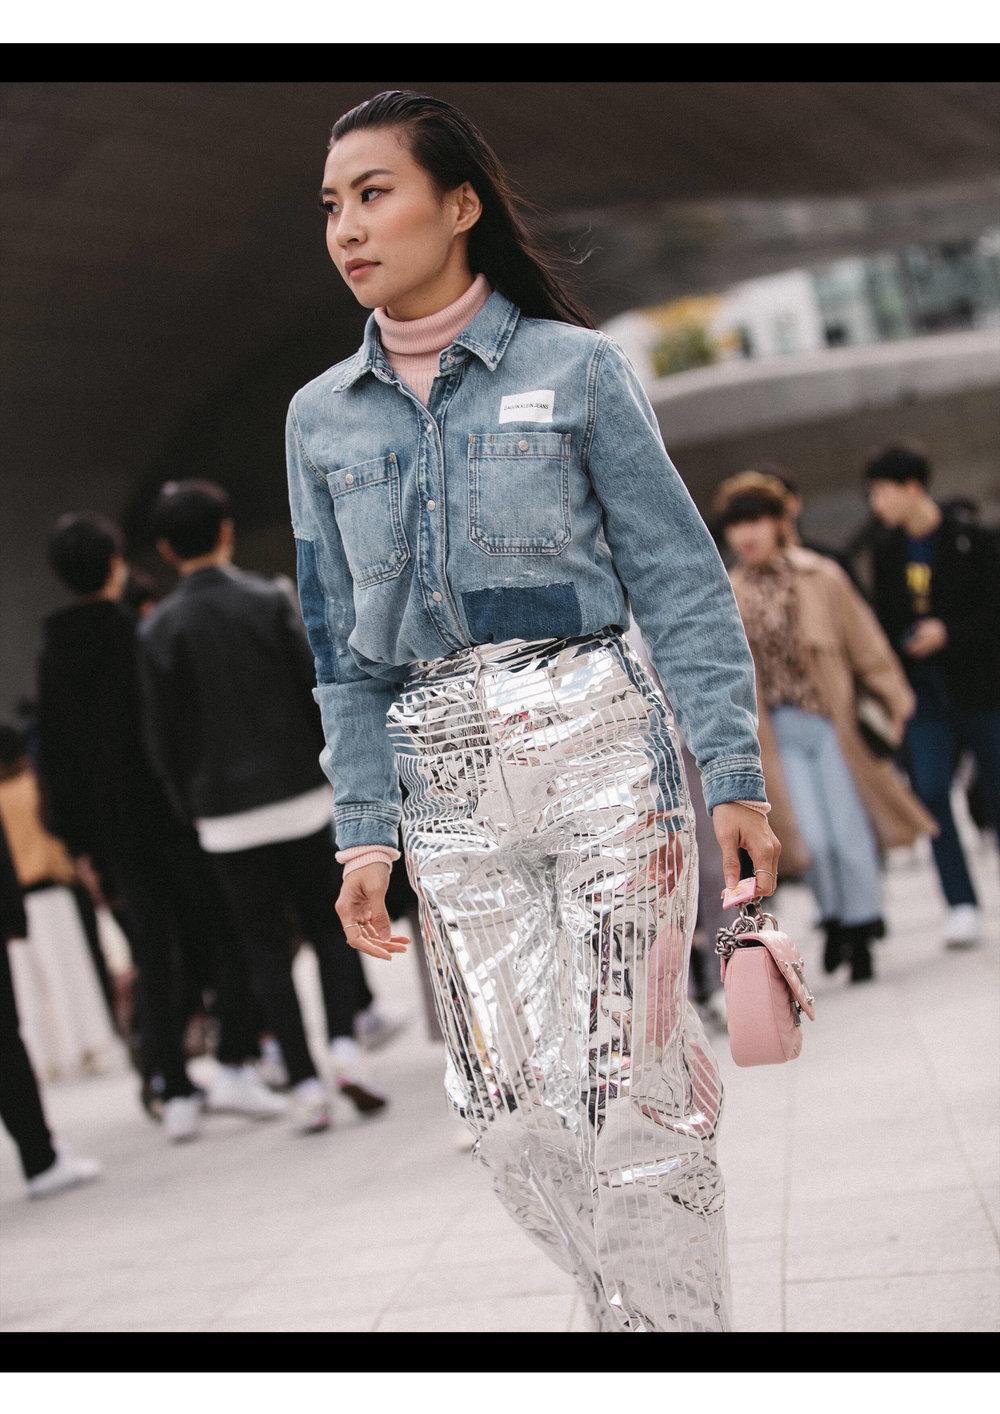 Denim Shirt + Turtleneck: Calvin Klein Jeans, Pants: Materiel Tbilisi, Bag: Louis Vuitton New Wave